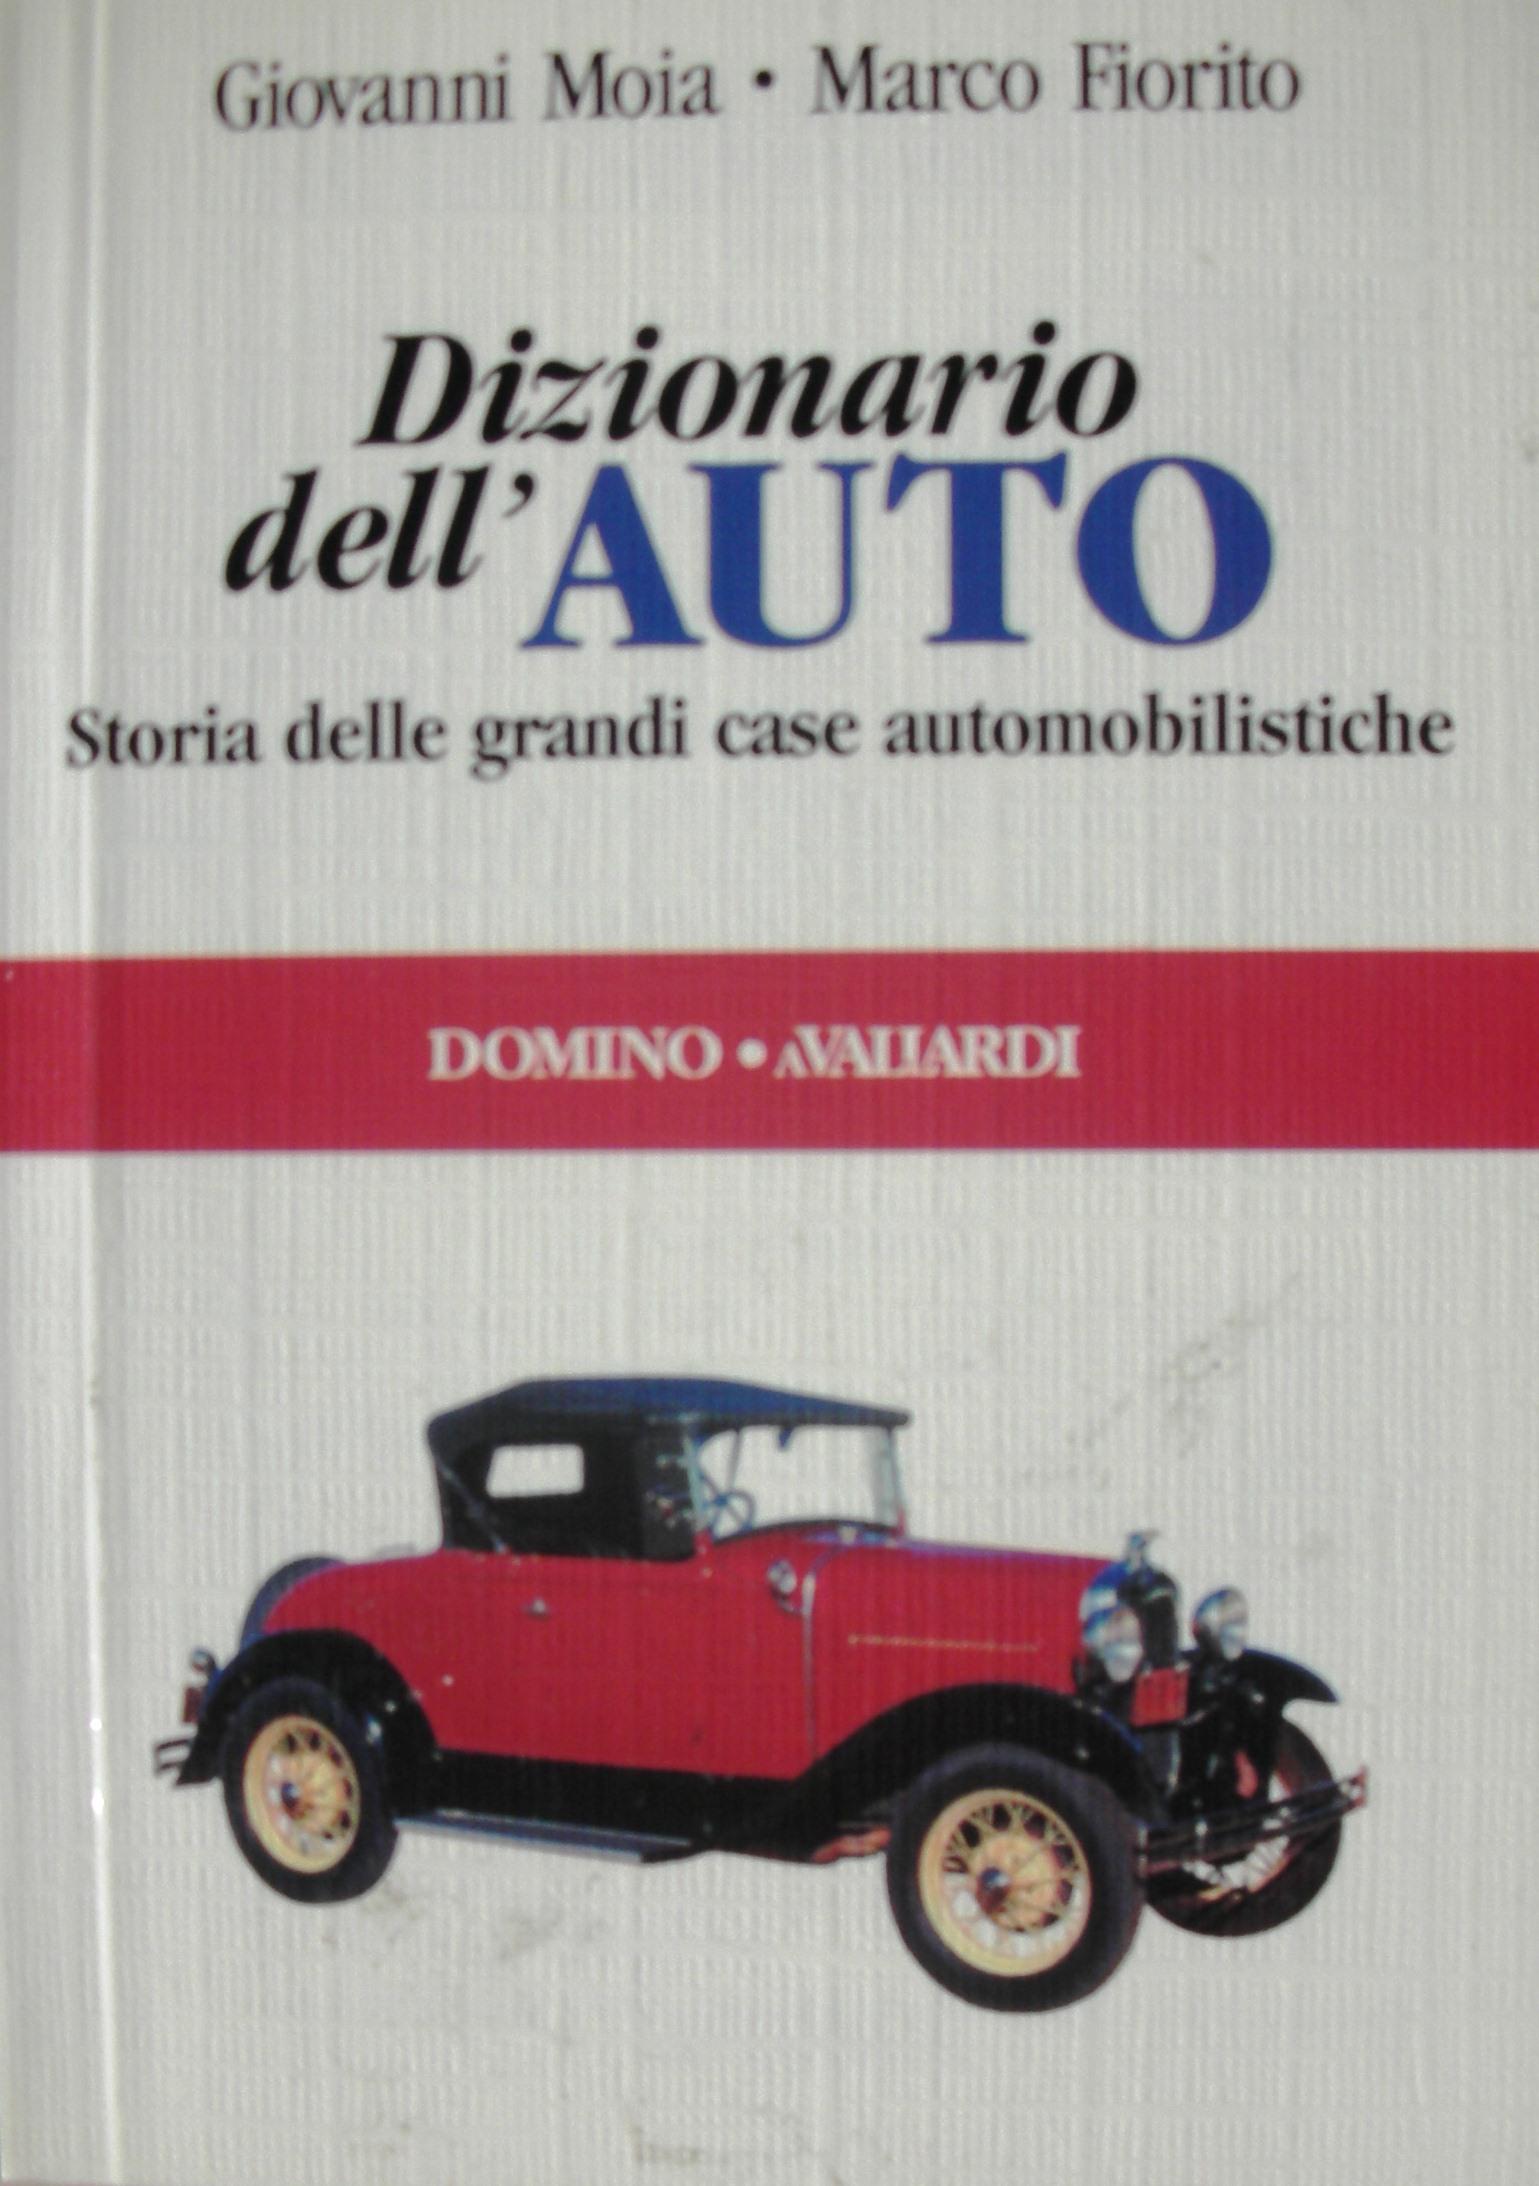 Dizionario dell'auto